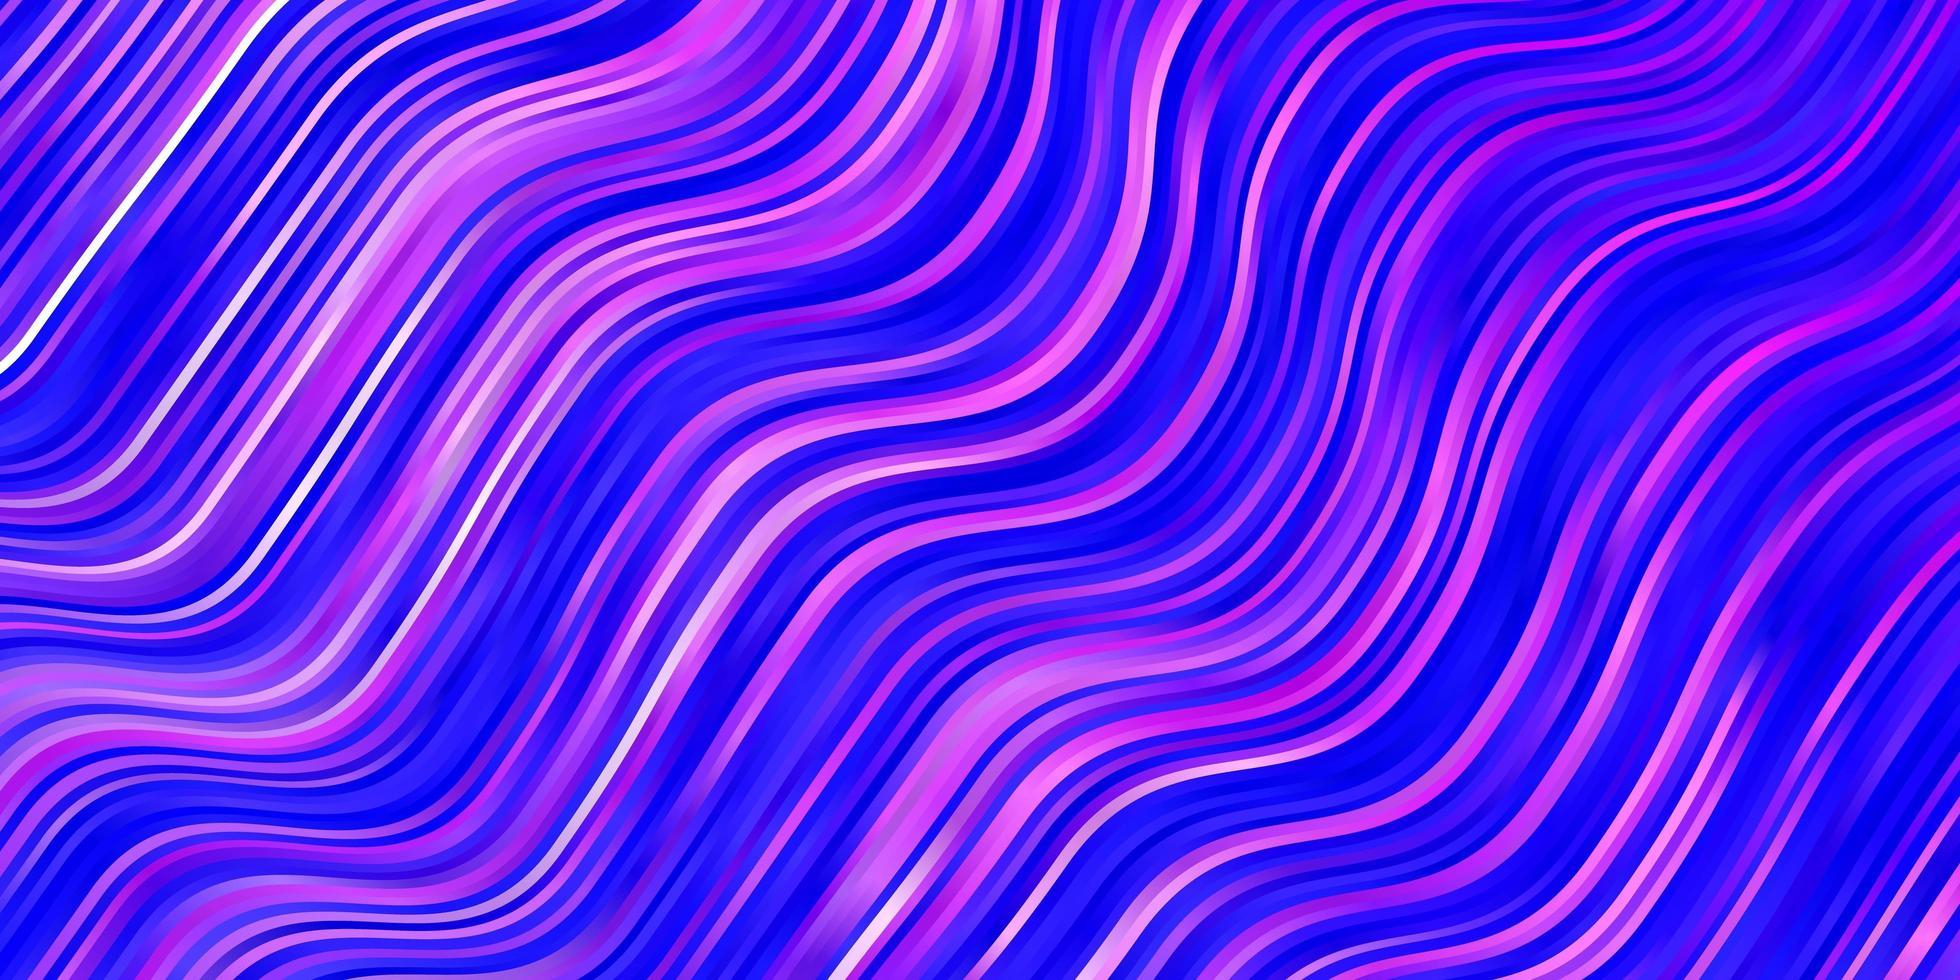 modello vettoriale rosa chiaro, blu con linee curve.